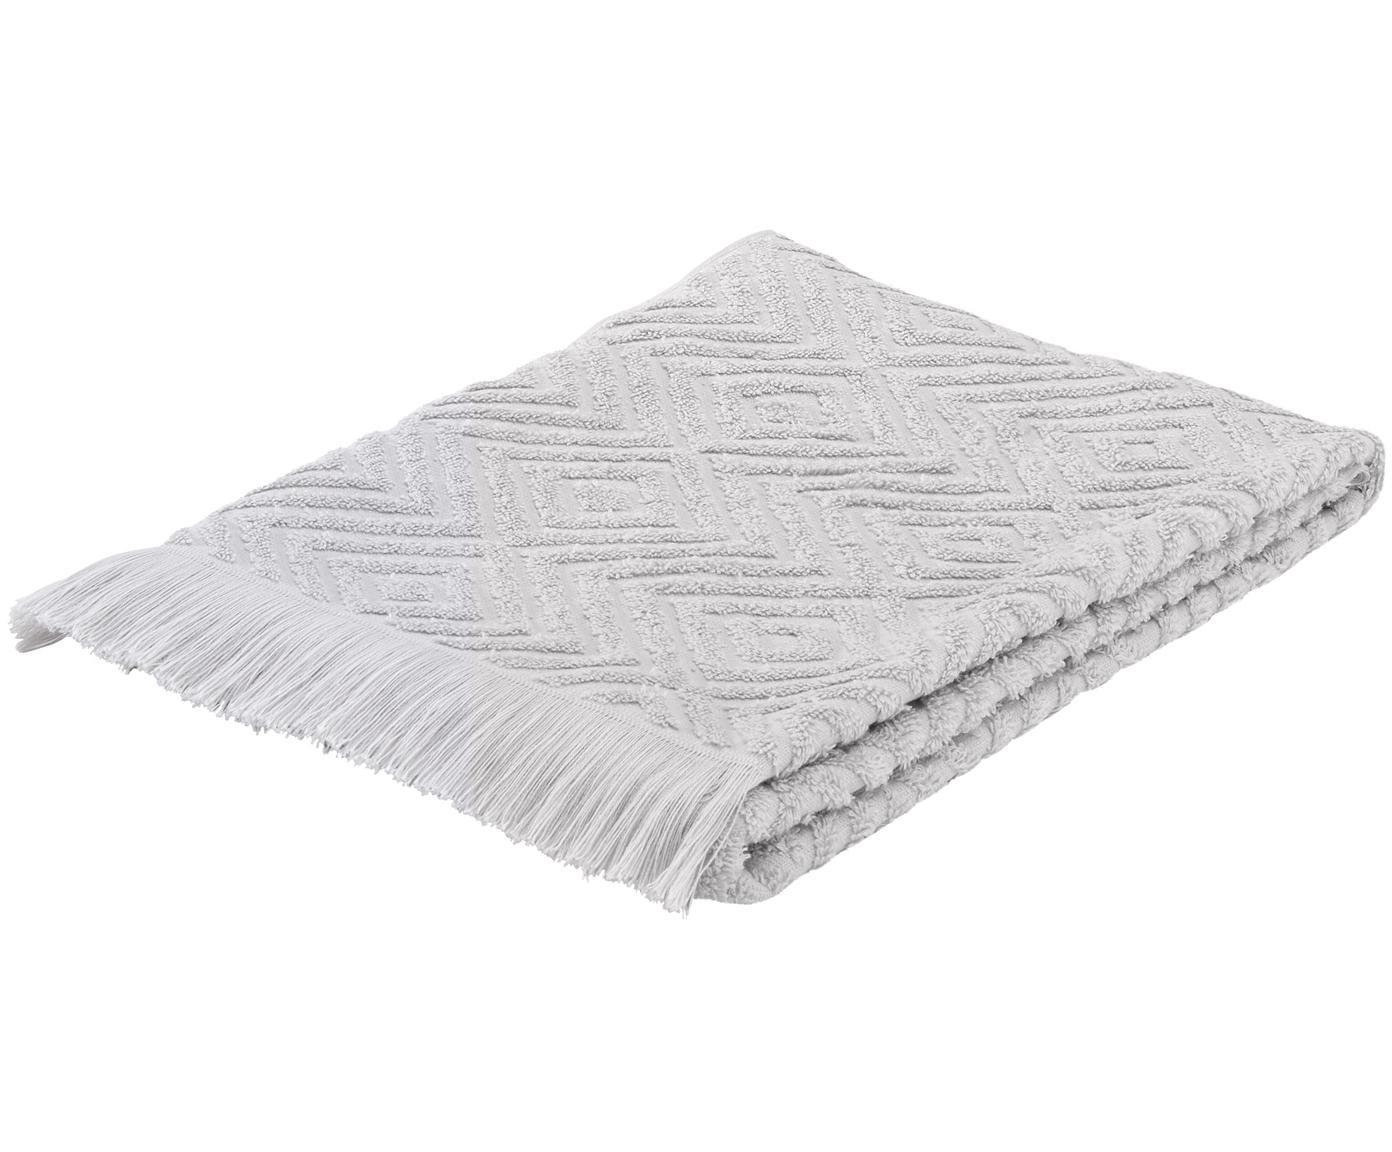 Handtuch Jacqui in verschiedenen Grössen, mit Hoch-Tief-Muster, Hellgrau, Gästehandtuch